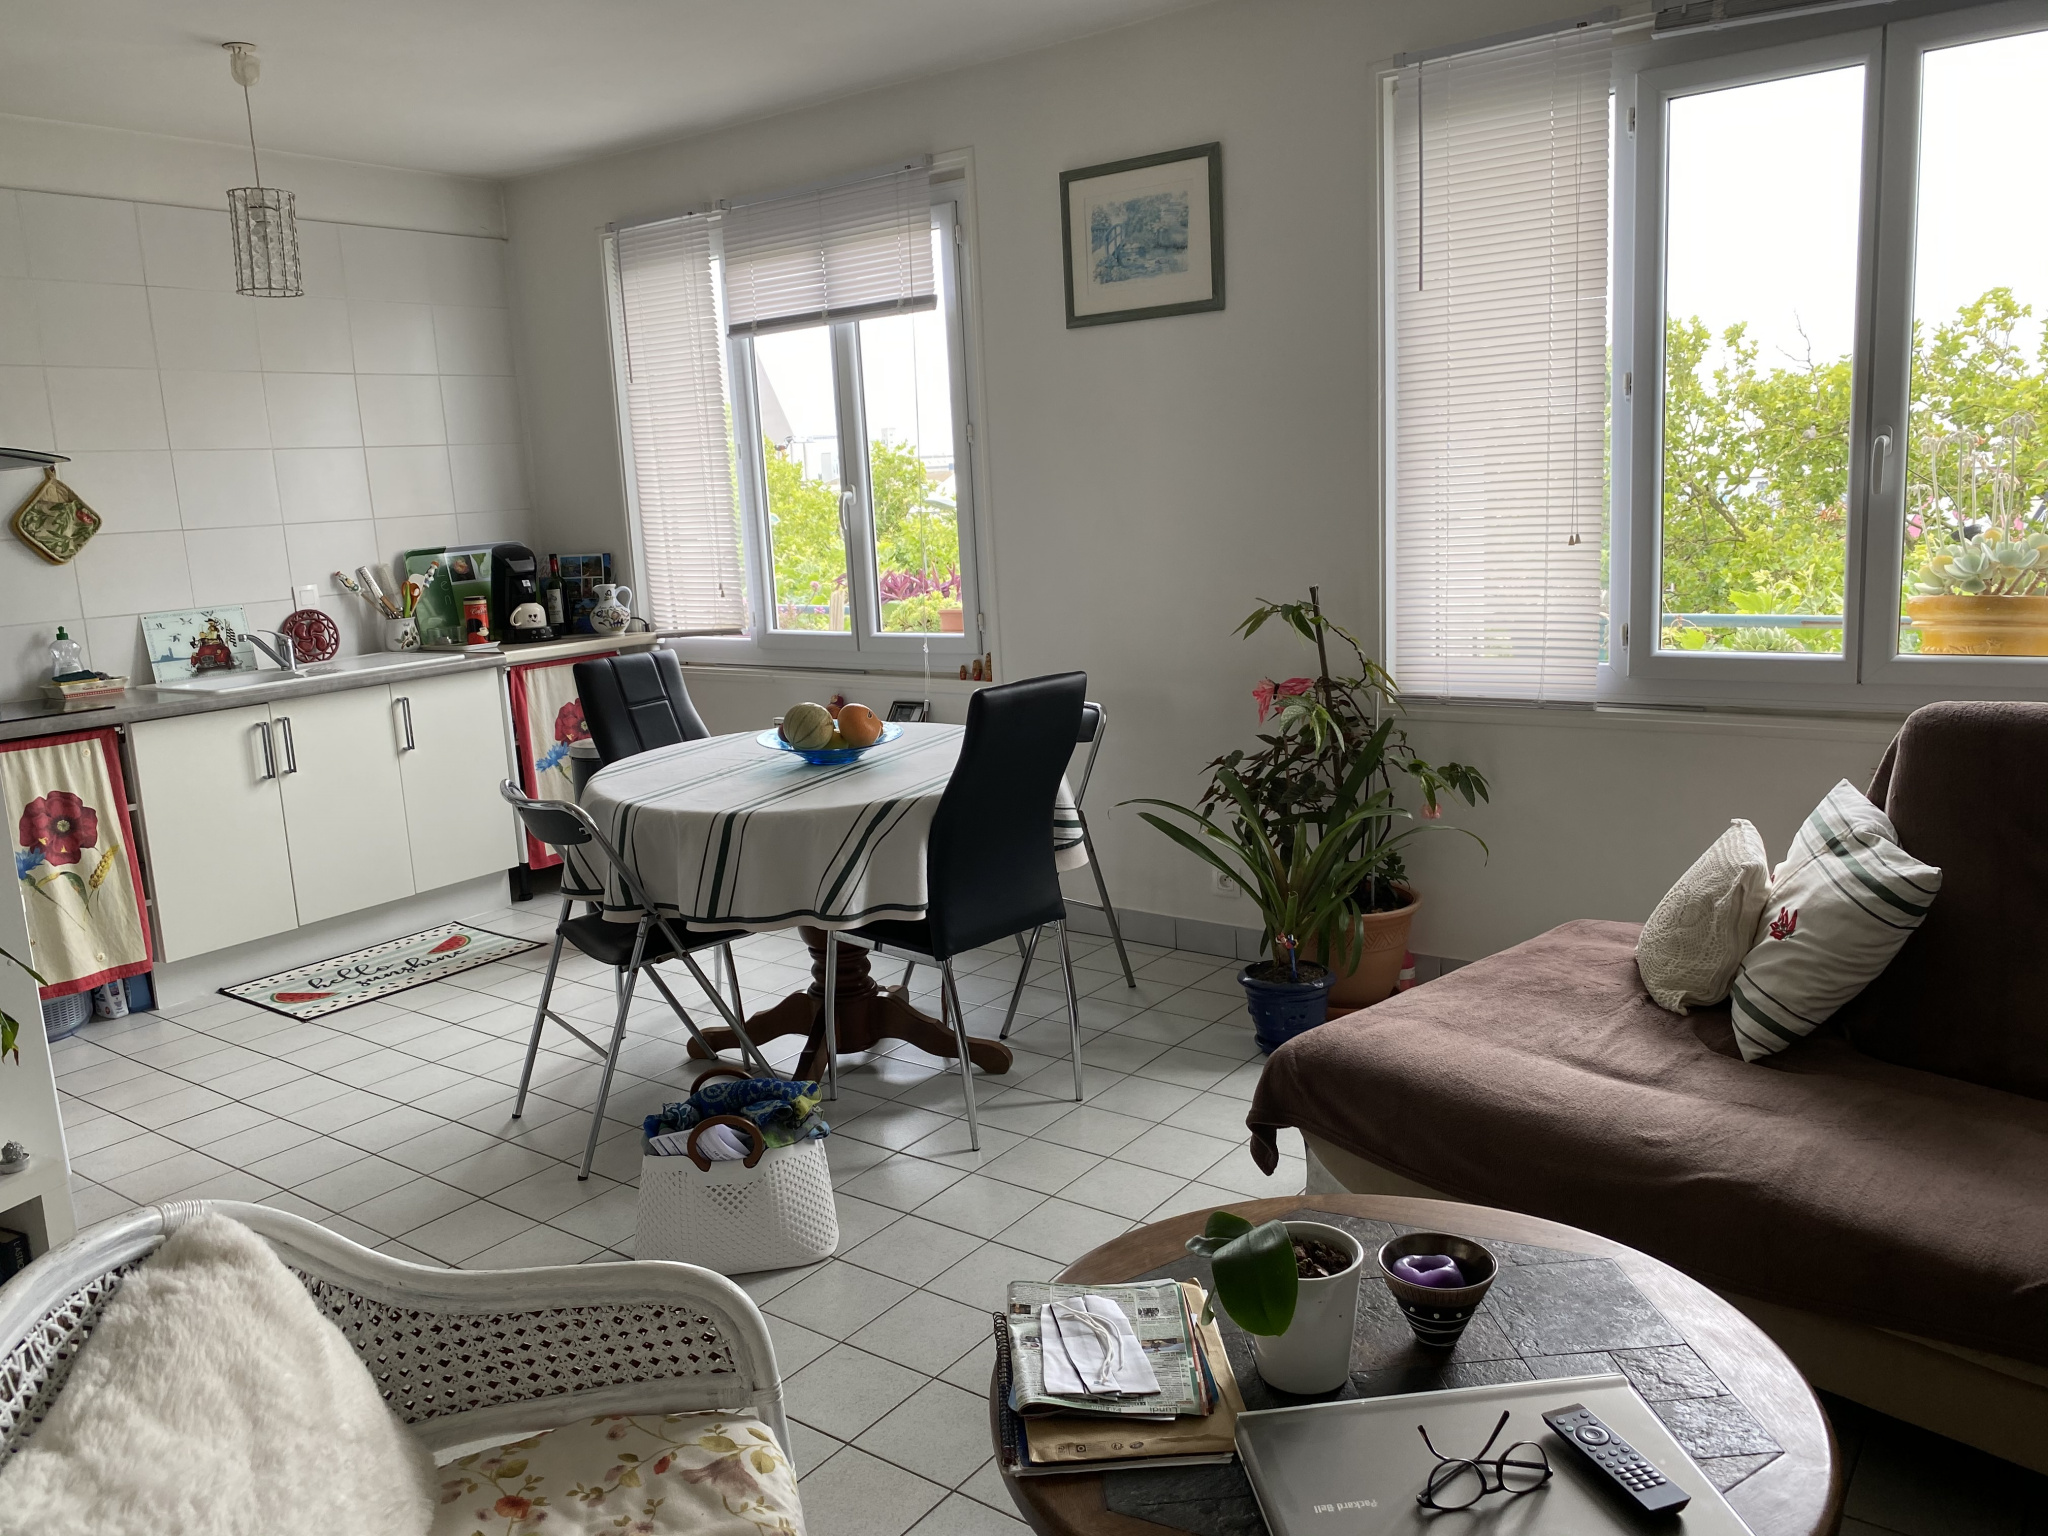 appartement la rochelle LA ROCHELLE - APPARTEMENT DE TYPE 3 - QUARTIER LA PALLICE